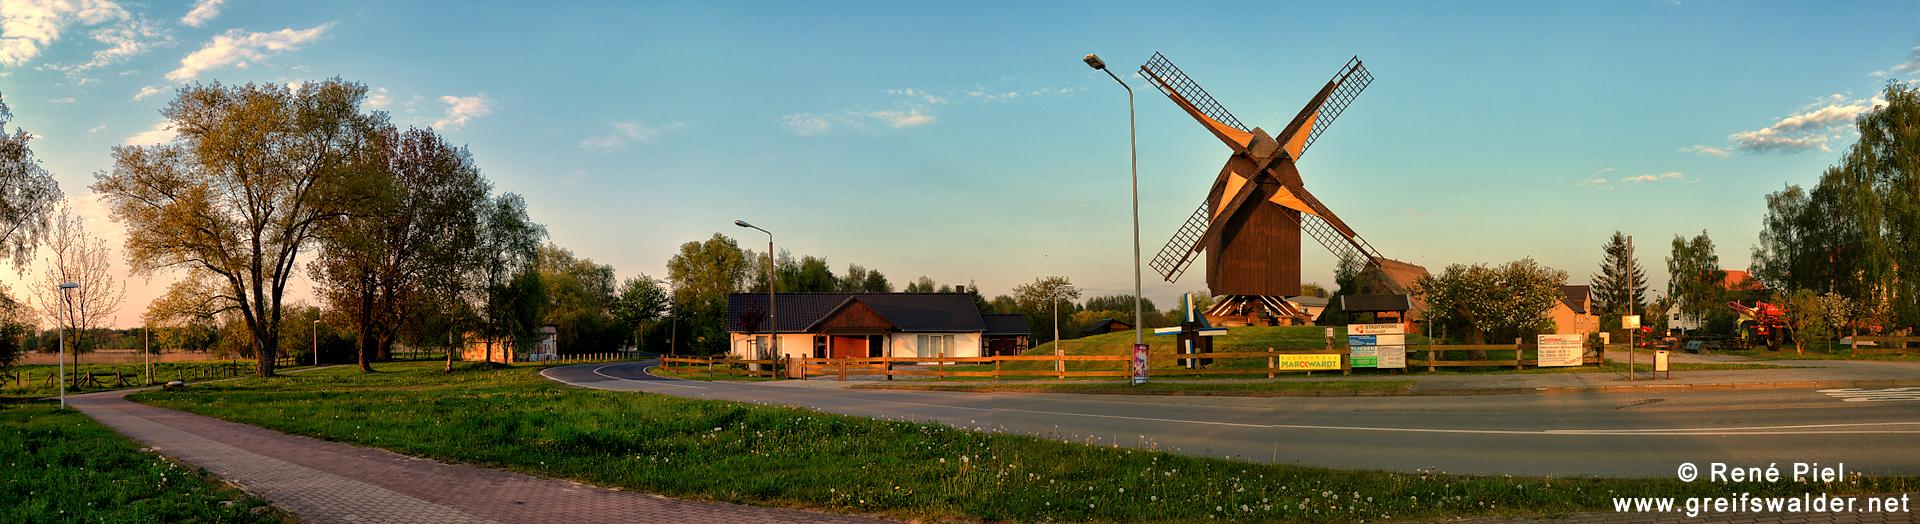 Frühlingsabend an der Bockwindmühle in Greifswald-Eldena